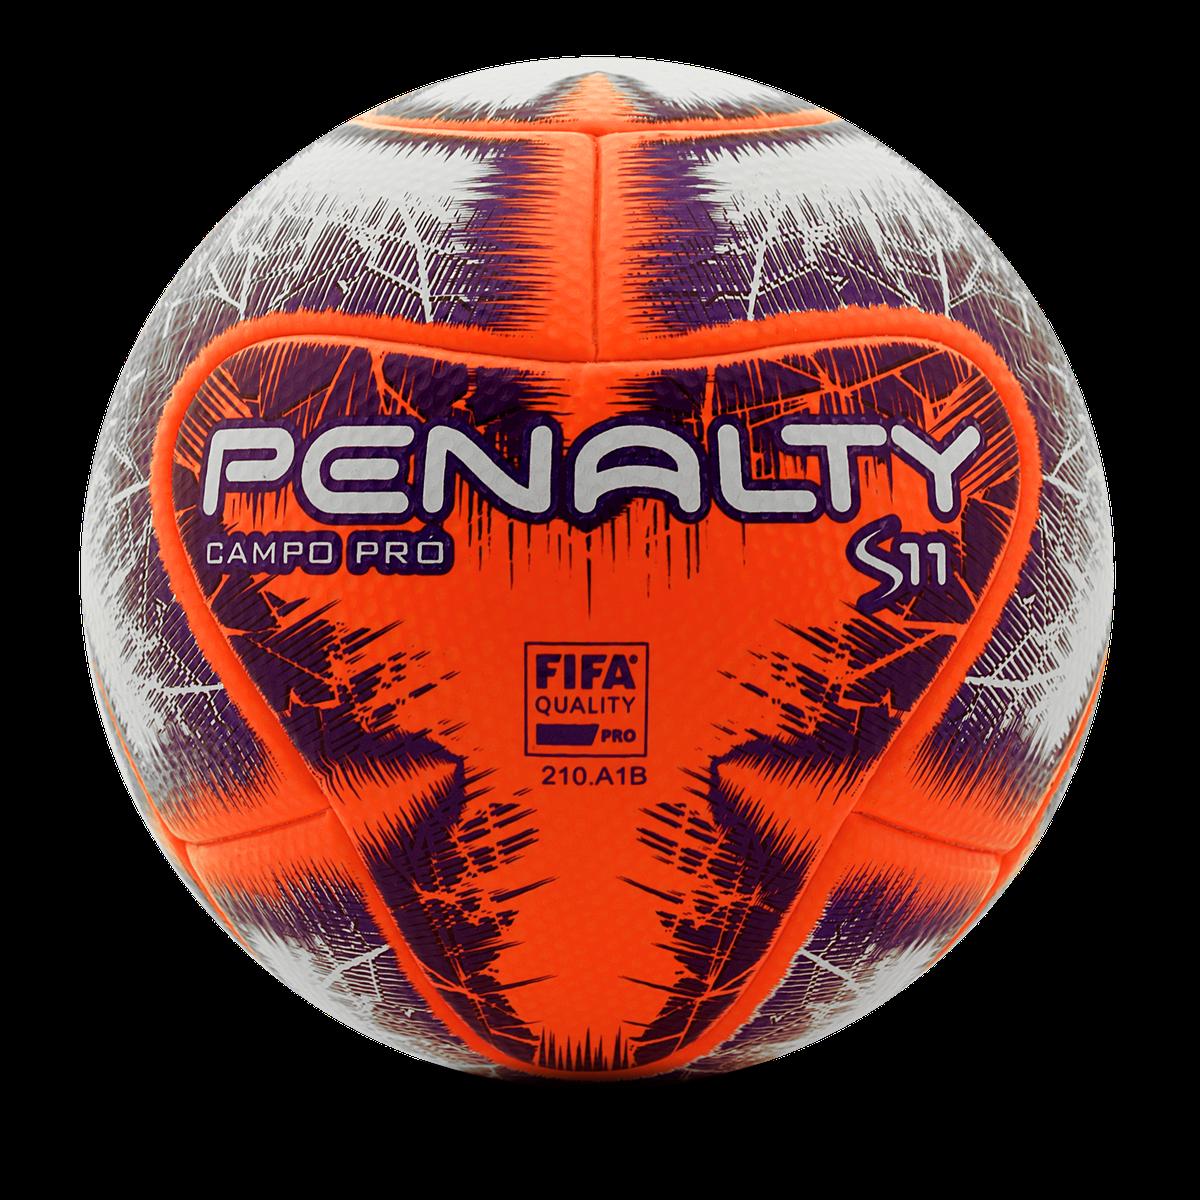 203b8043a6 Conheça a bola que será utilizada no Campeonato Amazonense 2019 ...